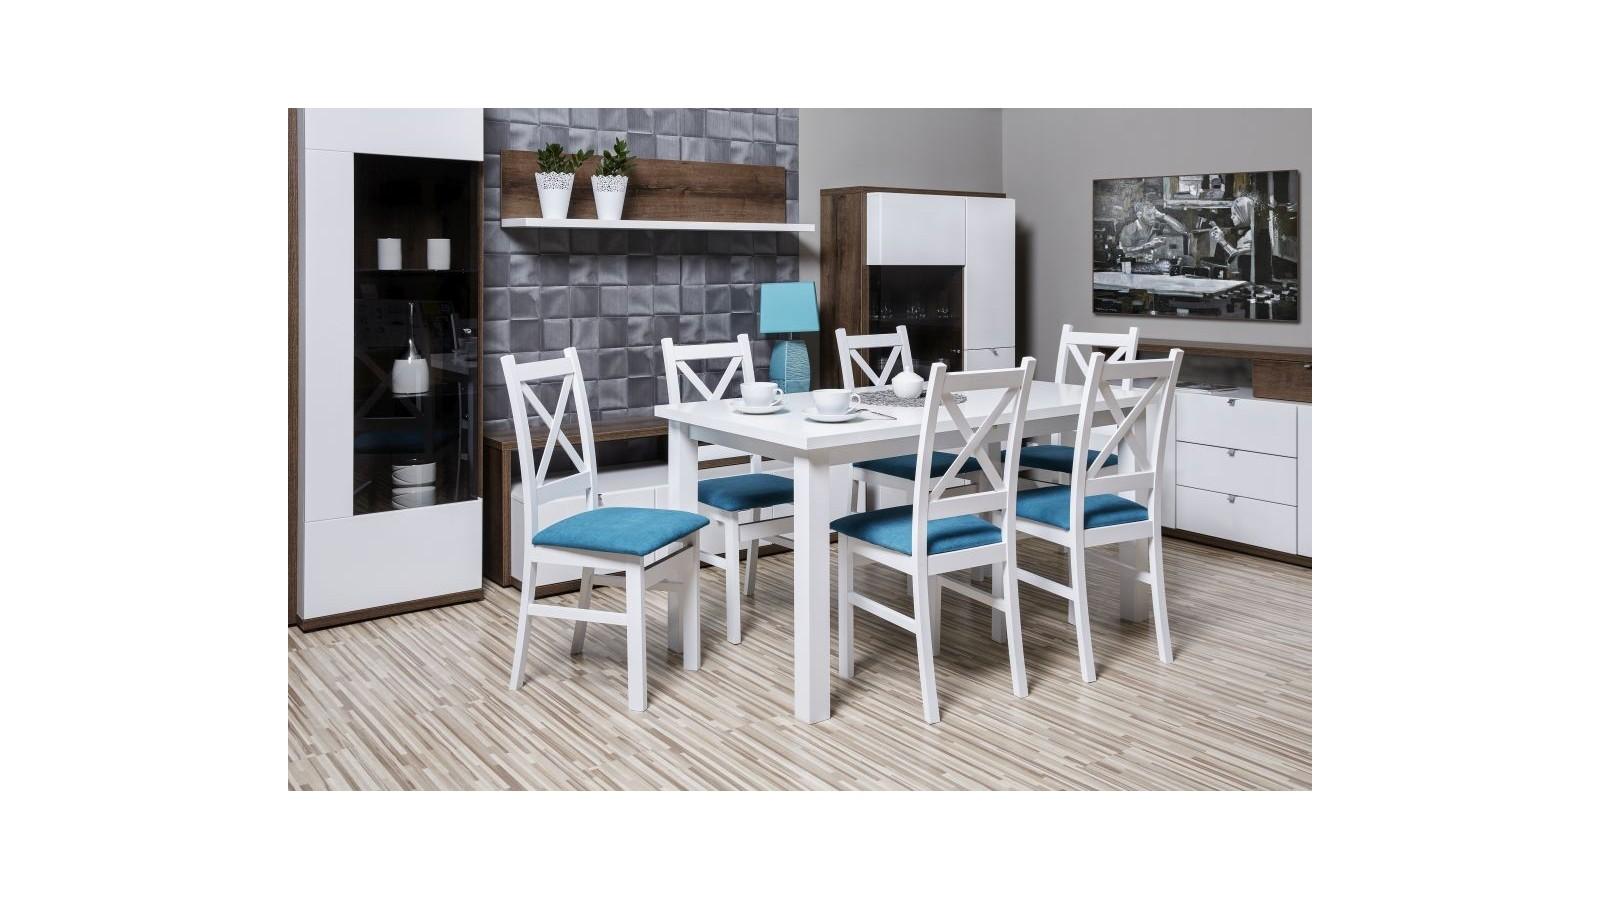 6 x buková stolička 65 + stôl